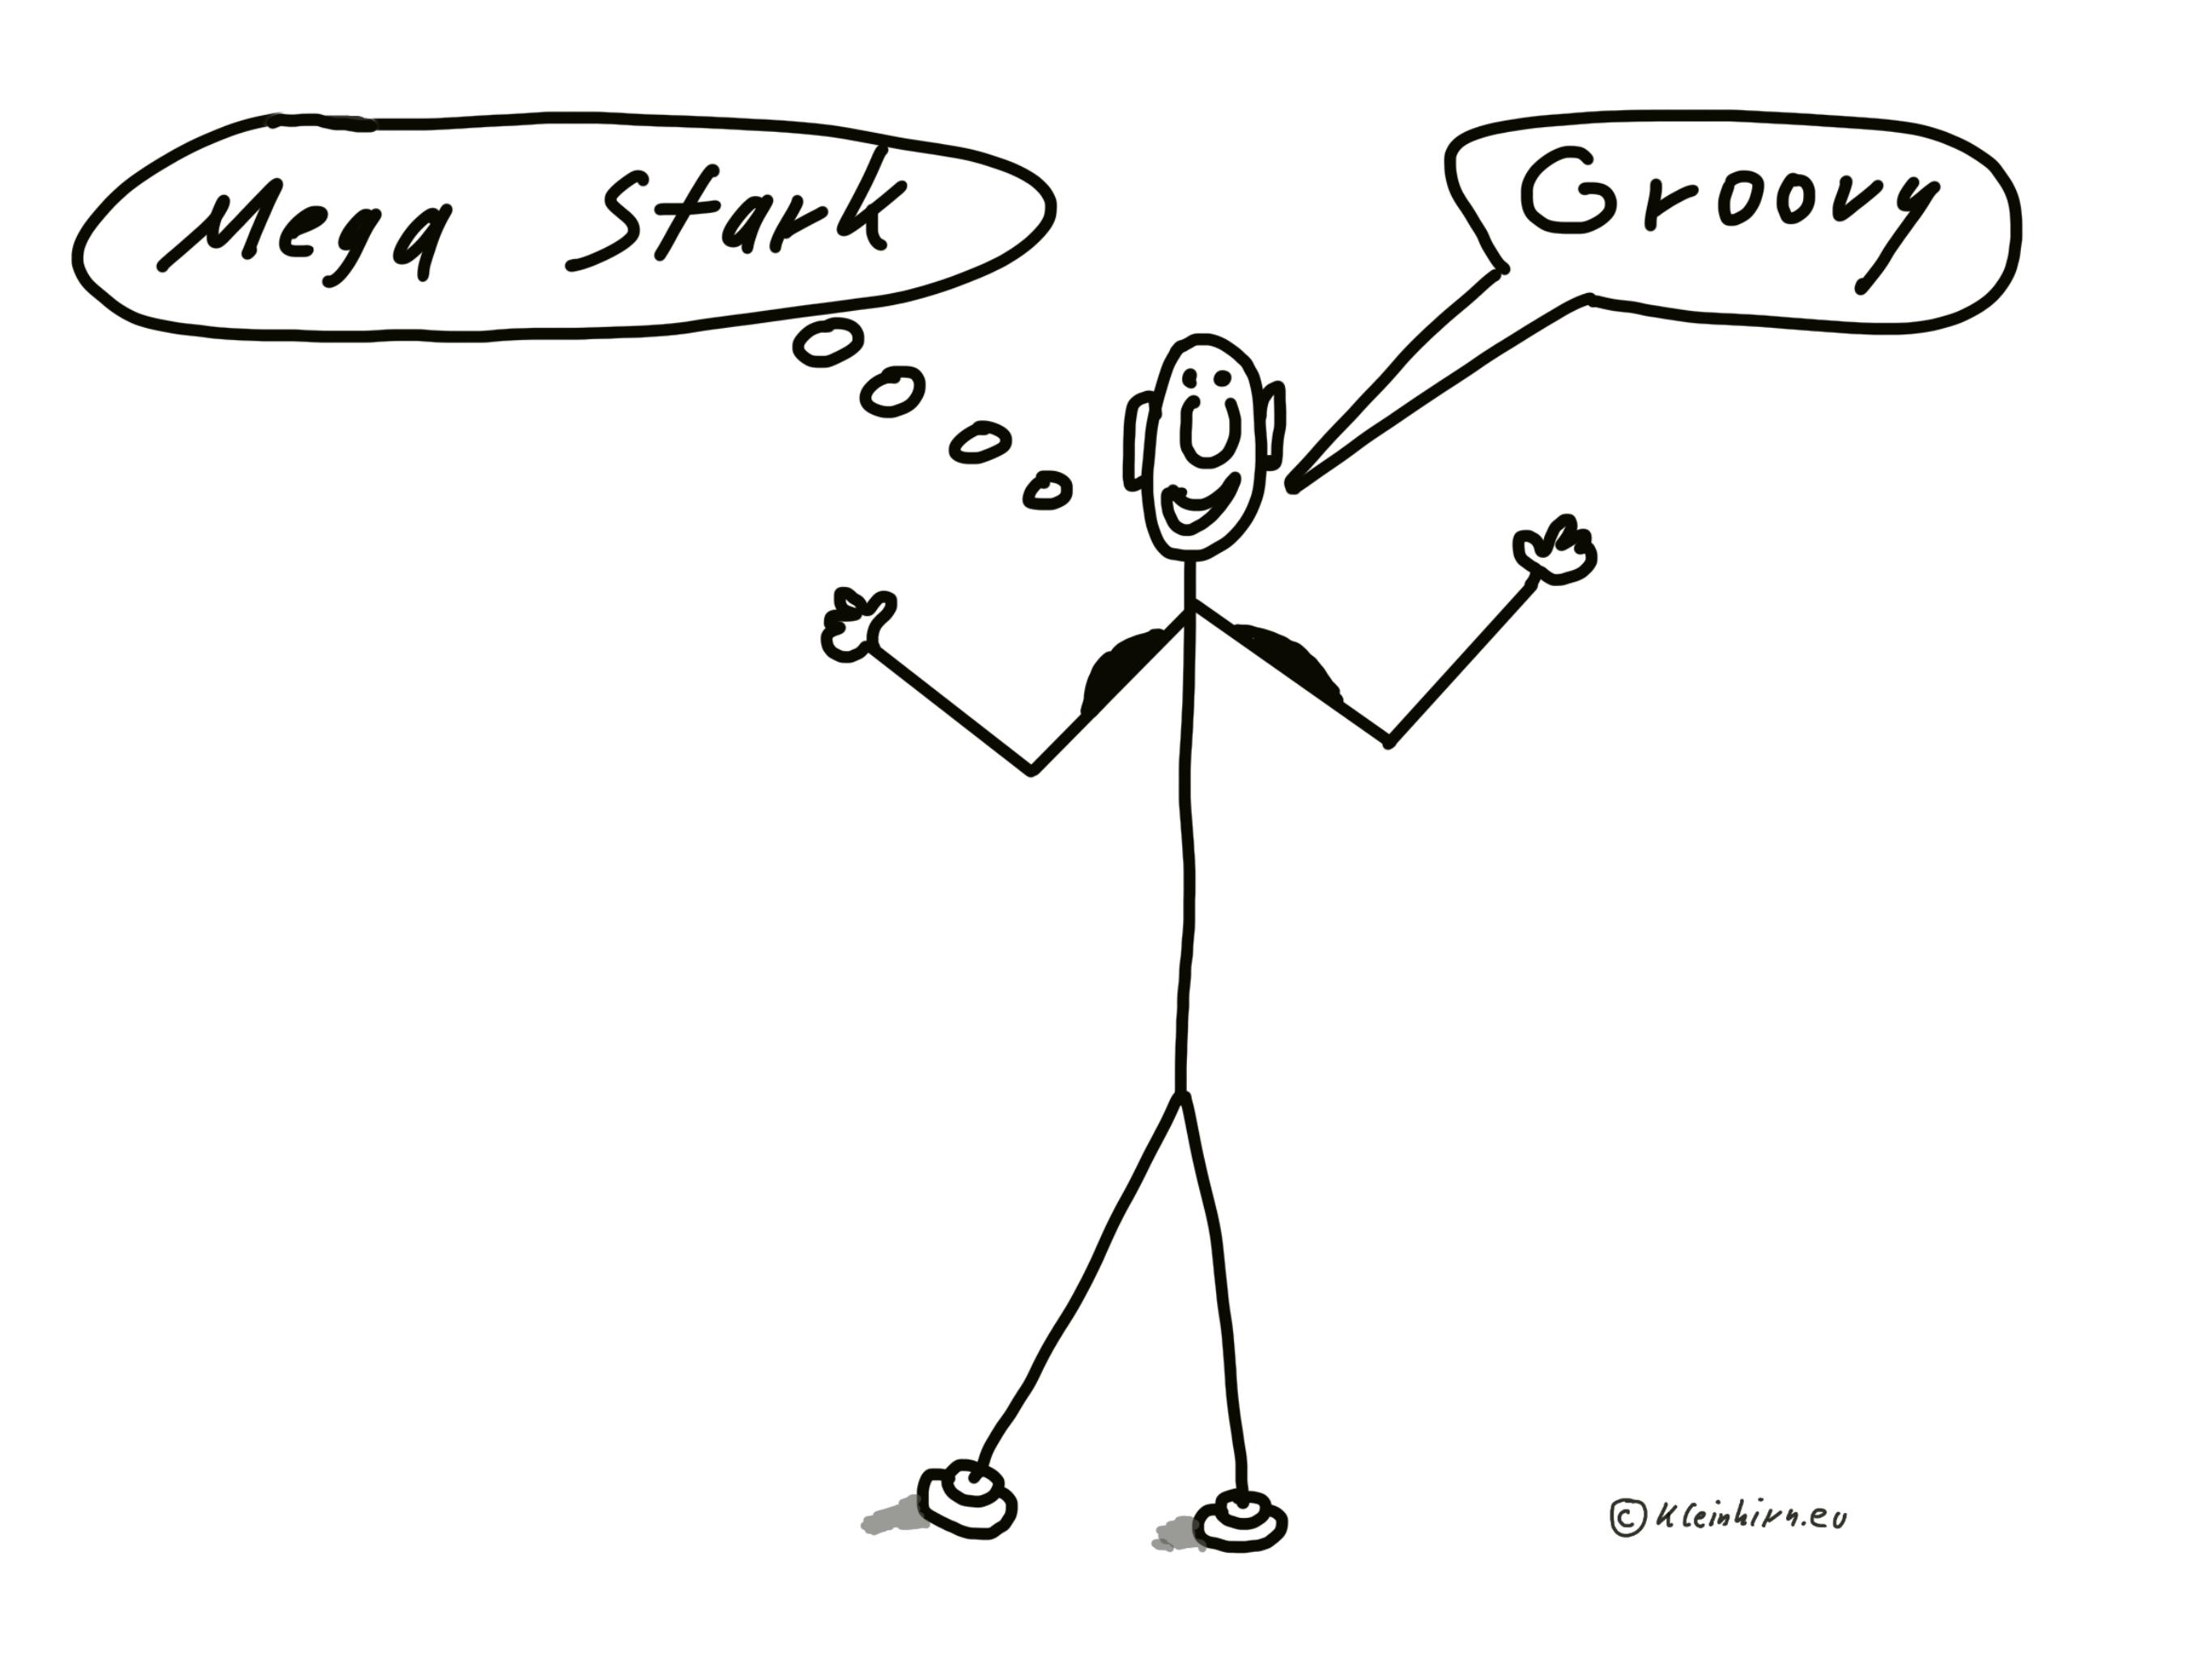 Groovy - Mega - Stark